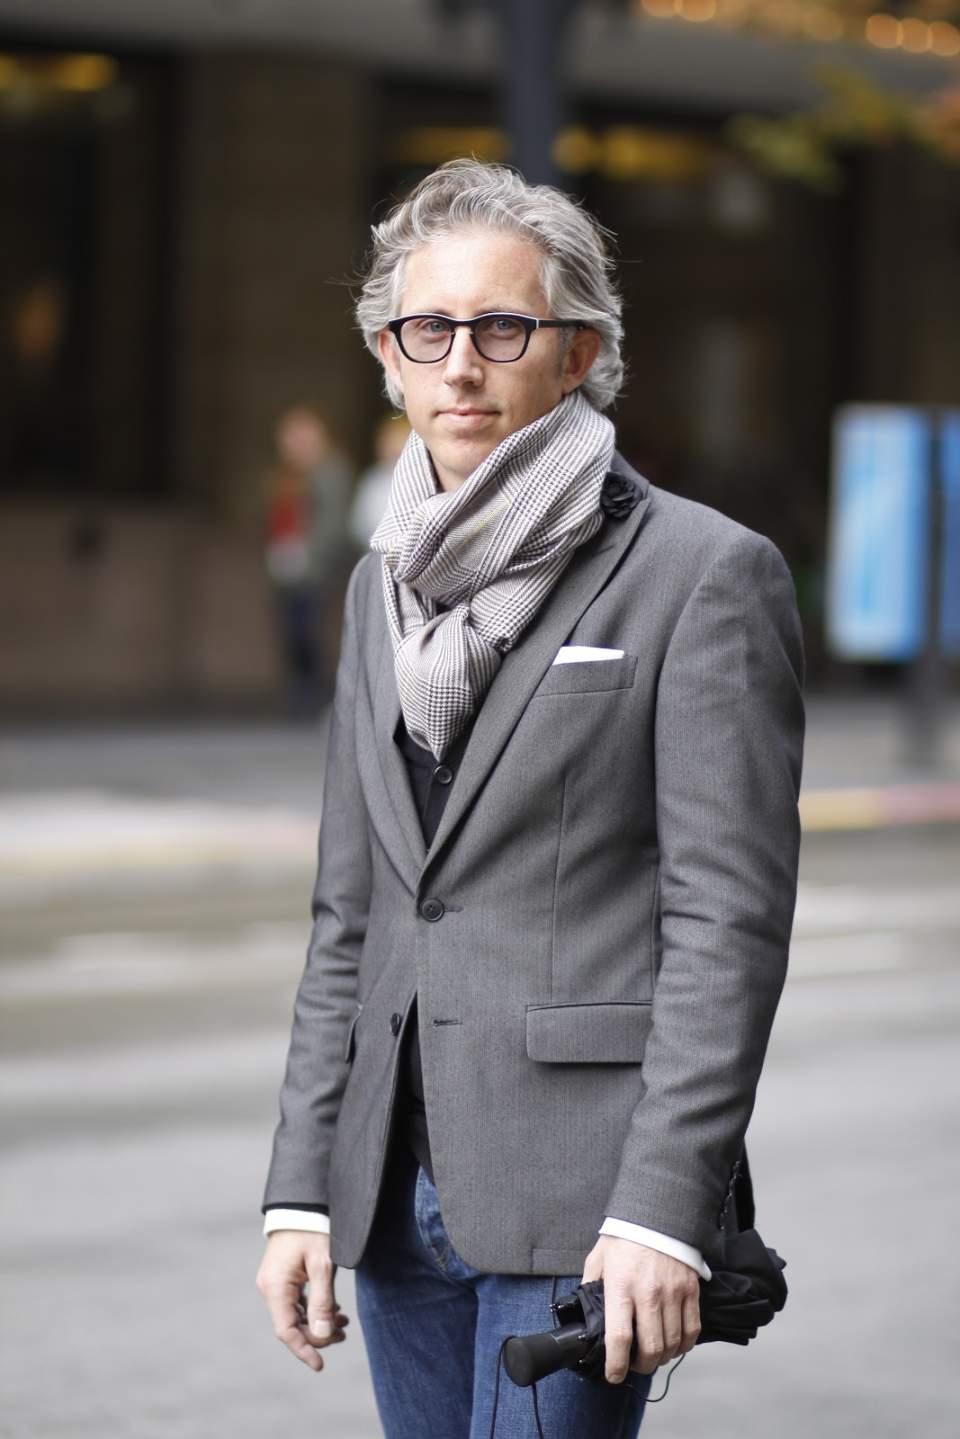 秀逸なマフラー使いで冬の洒落スーツ姿に。スーツスタイルを格上げするトレンディなマフラーコーデ術 2番目の画像